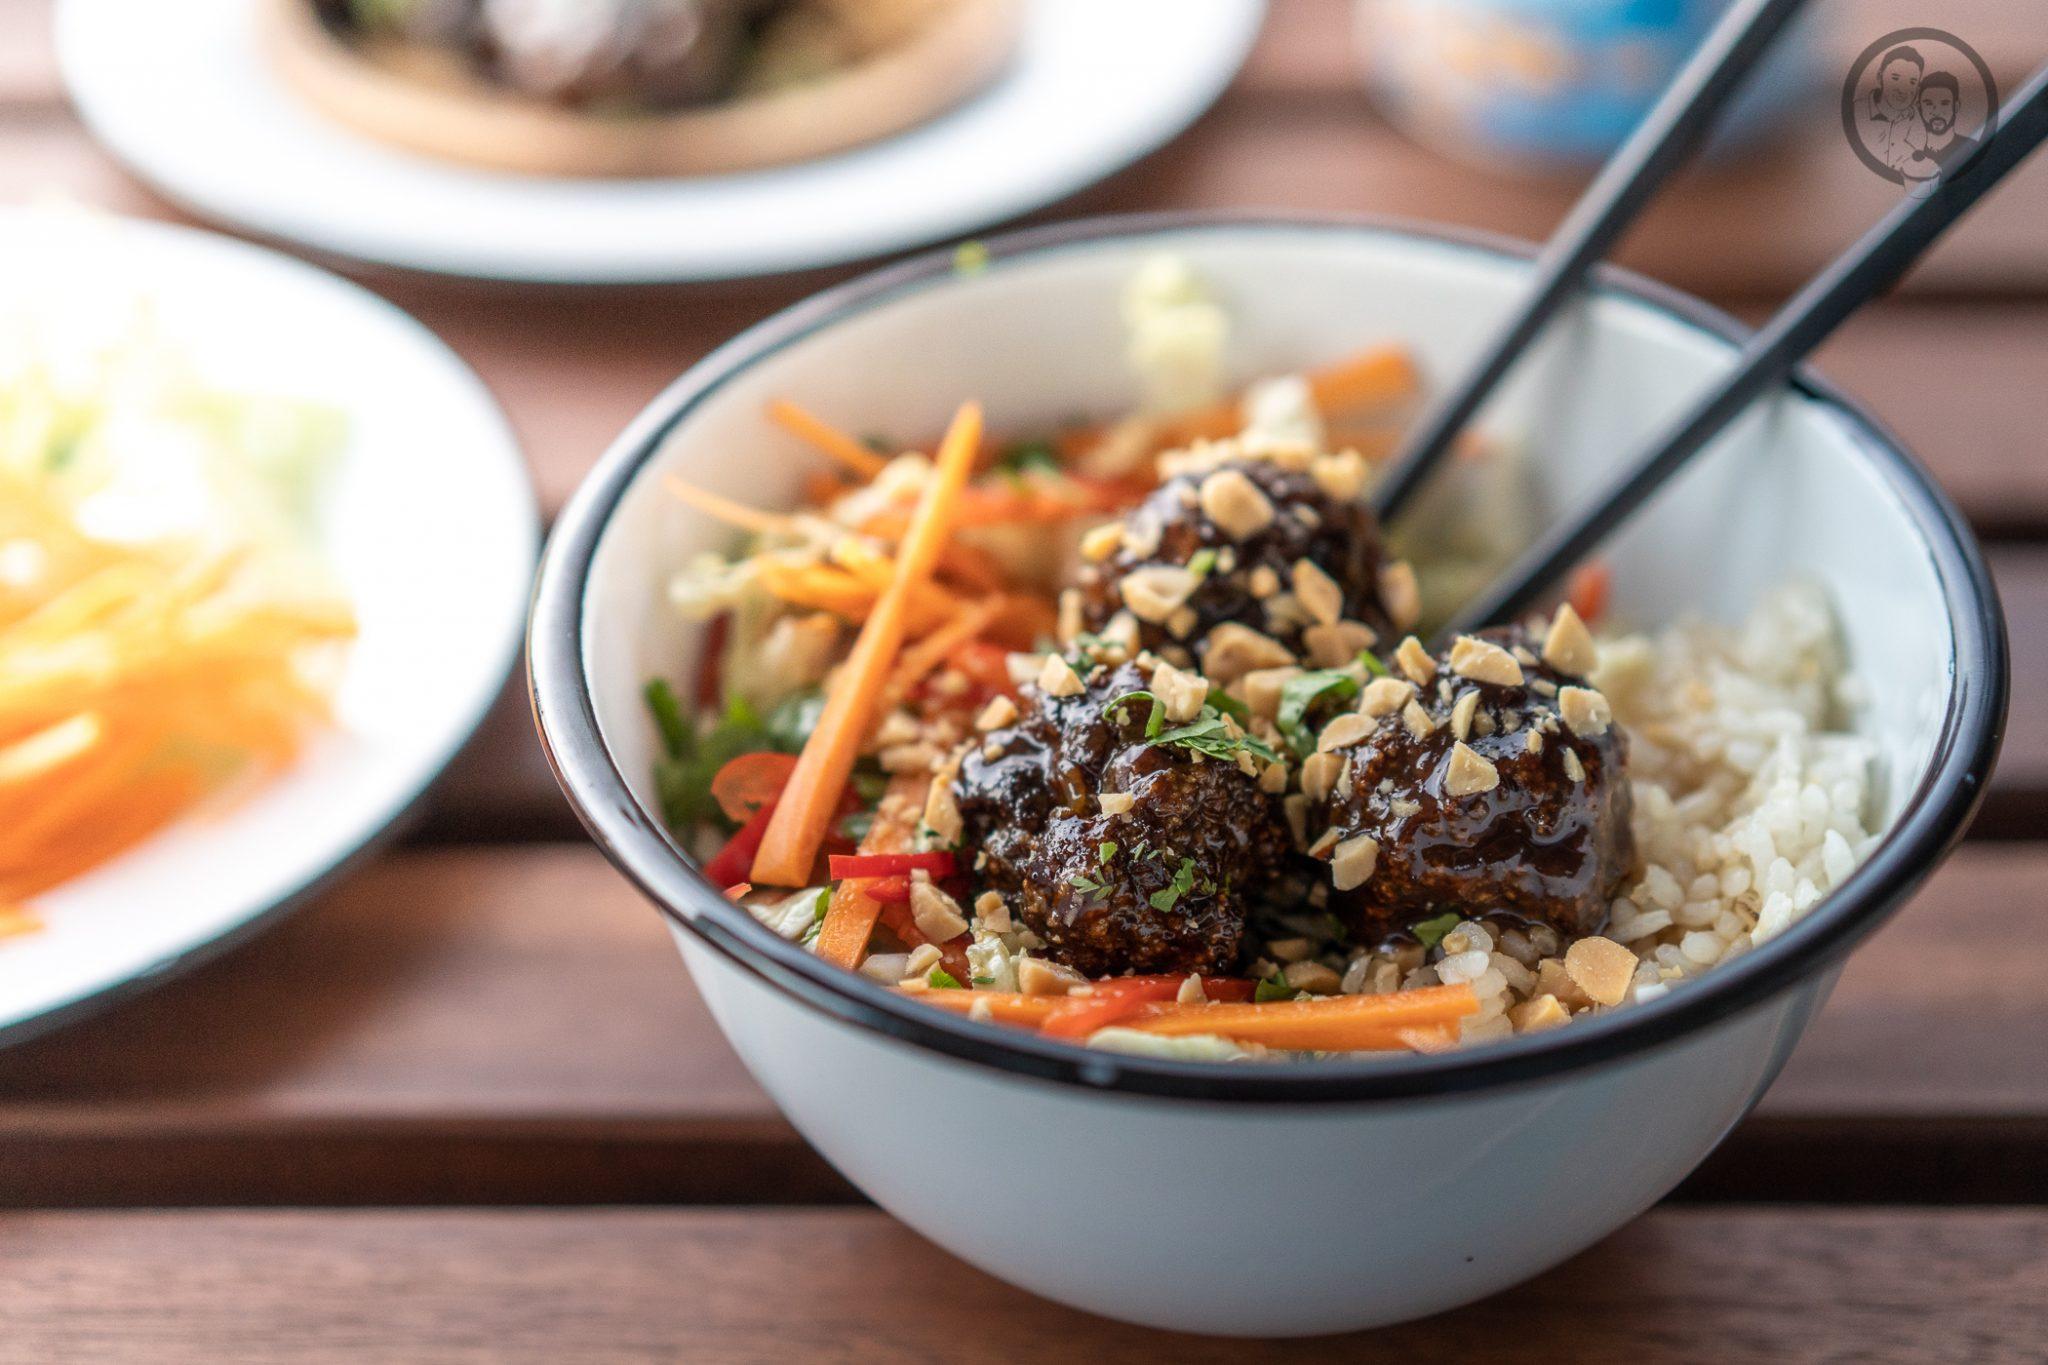 Poke Bowl erdn%C3%BCsse %C3%BCltje 3 | Wenn man um einen Foodtrend 2018 kaum herum gekommen ist, zumindest ging es uns in Köln so, dann ist es die Poke Bowl. Also wurde es höchste Zeit, dass wir unsere eigene Poke Bowl kreieren. Da wir verschiedene Küchen gerne kombinieren haben wir dazu Korean Beef Balls gemacht und eine gute Ladung gesalzene ültje Erdnüsse dazu gegeben - so schmeckt der Sommer aus der Schüssel!